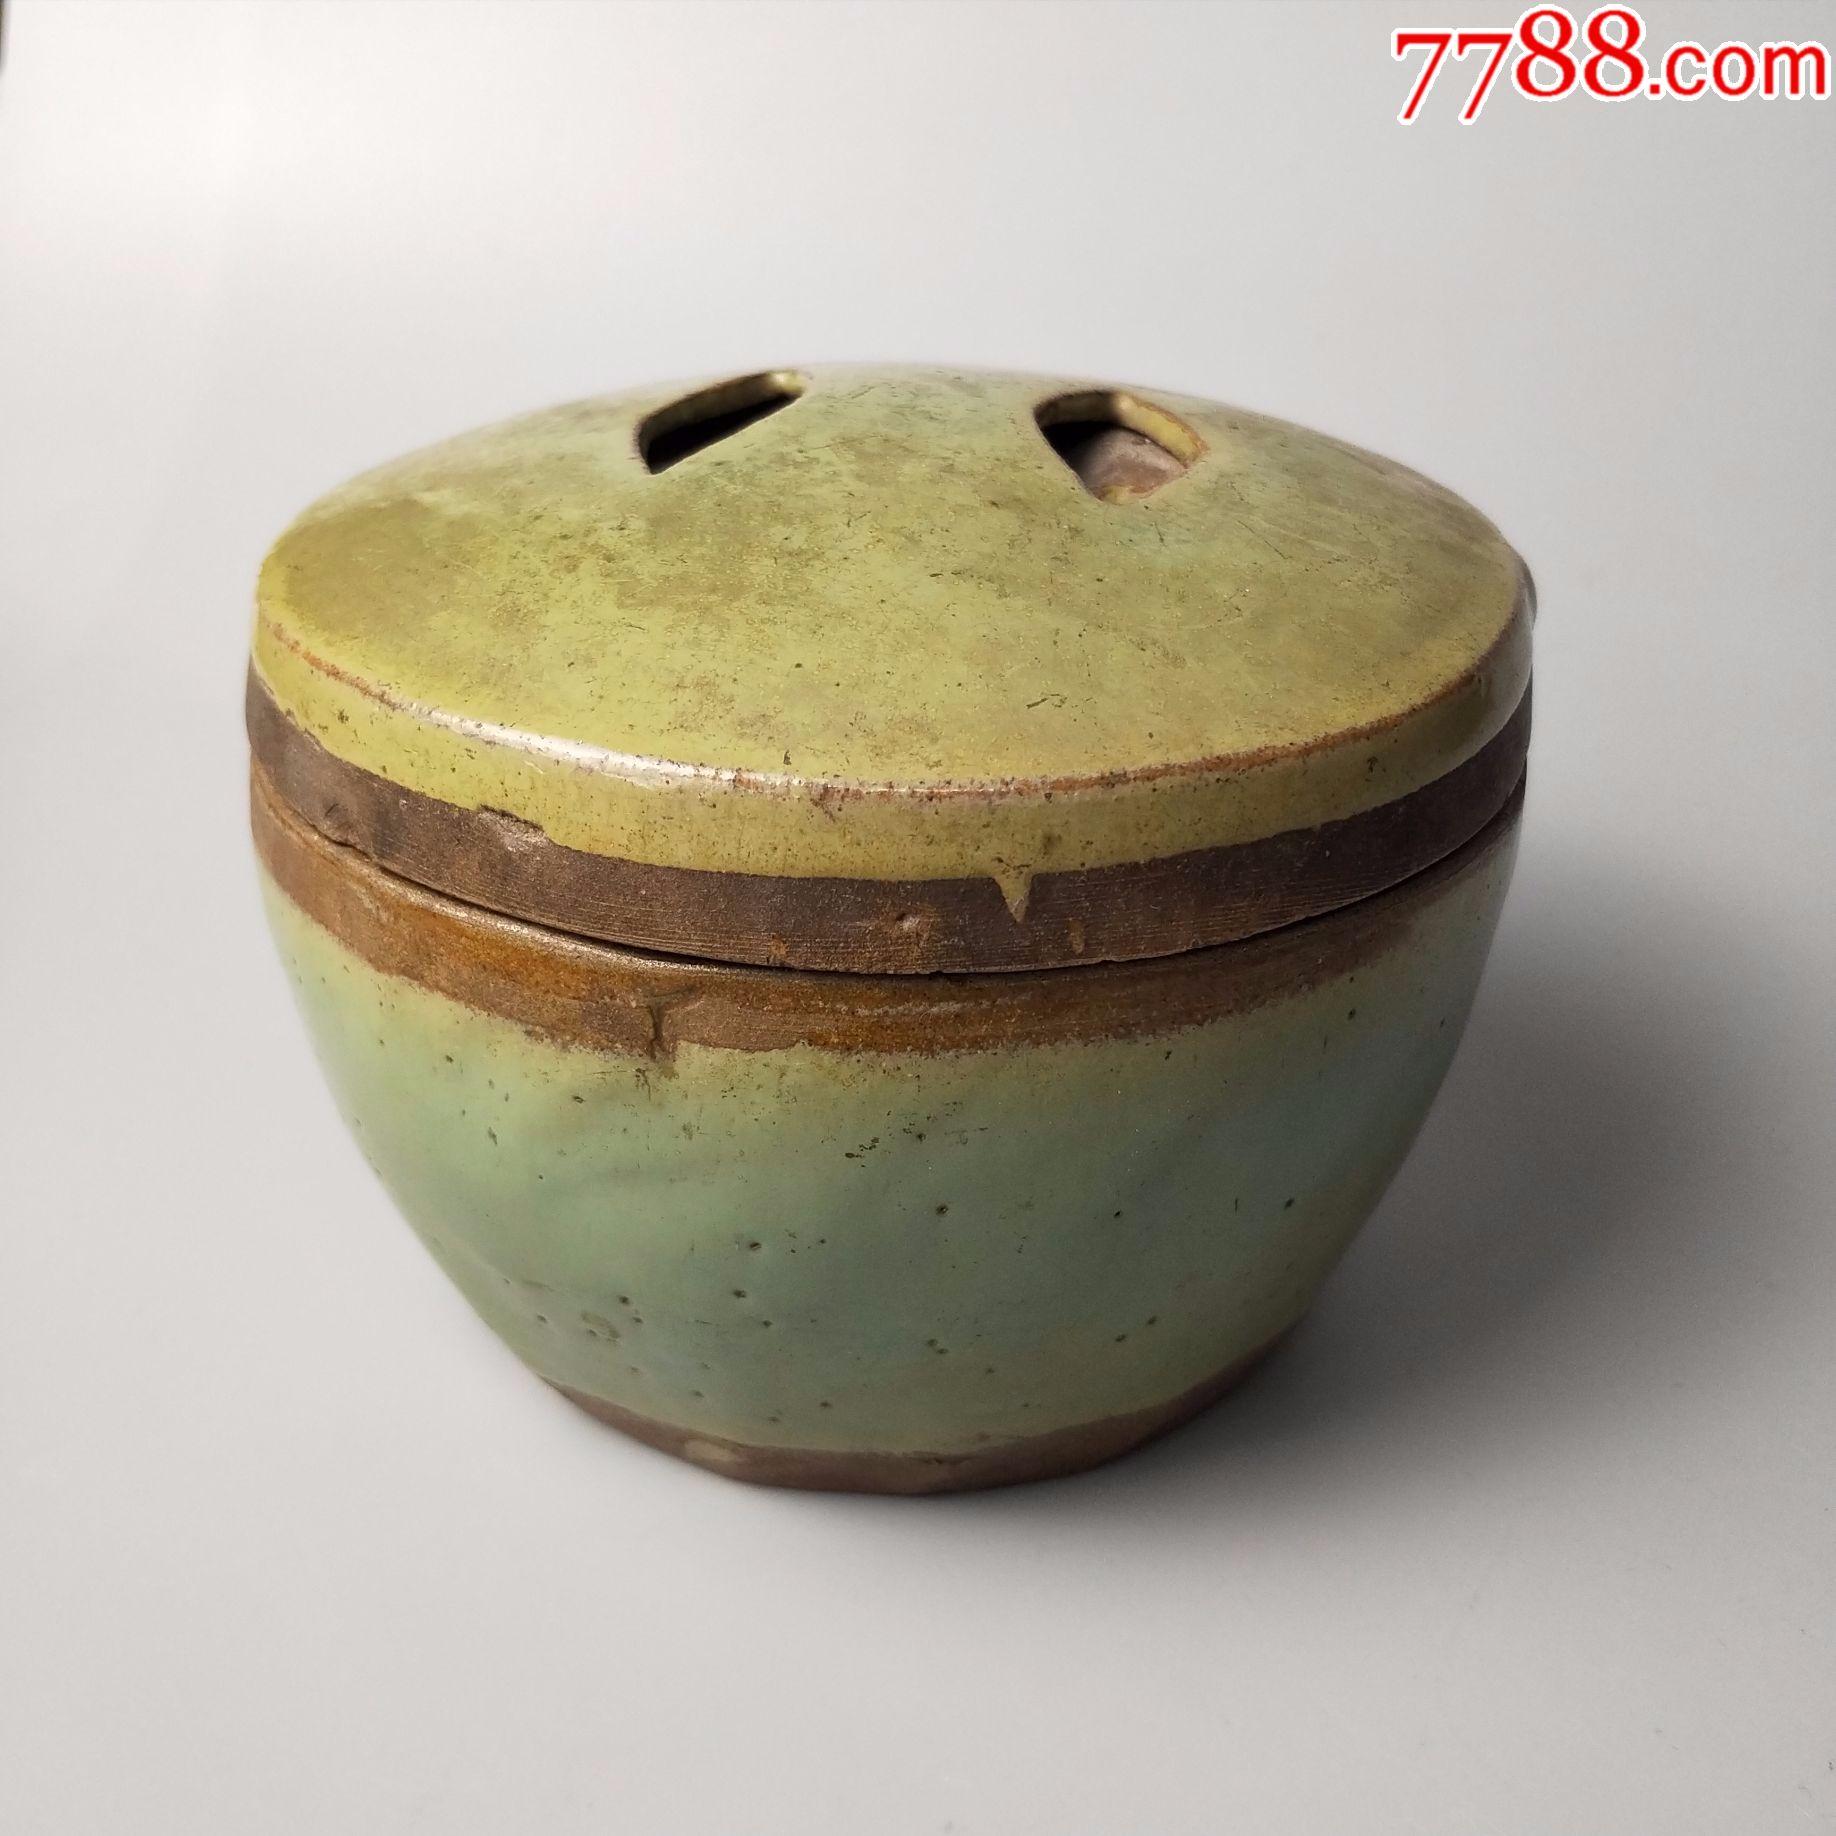 民国绿釉陶罐糖盐罐小罐茶叶罐陶瓷器生活老物件图片